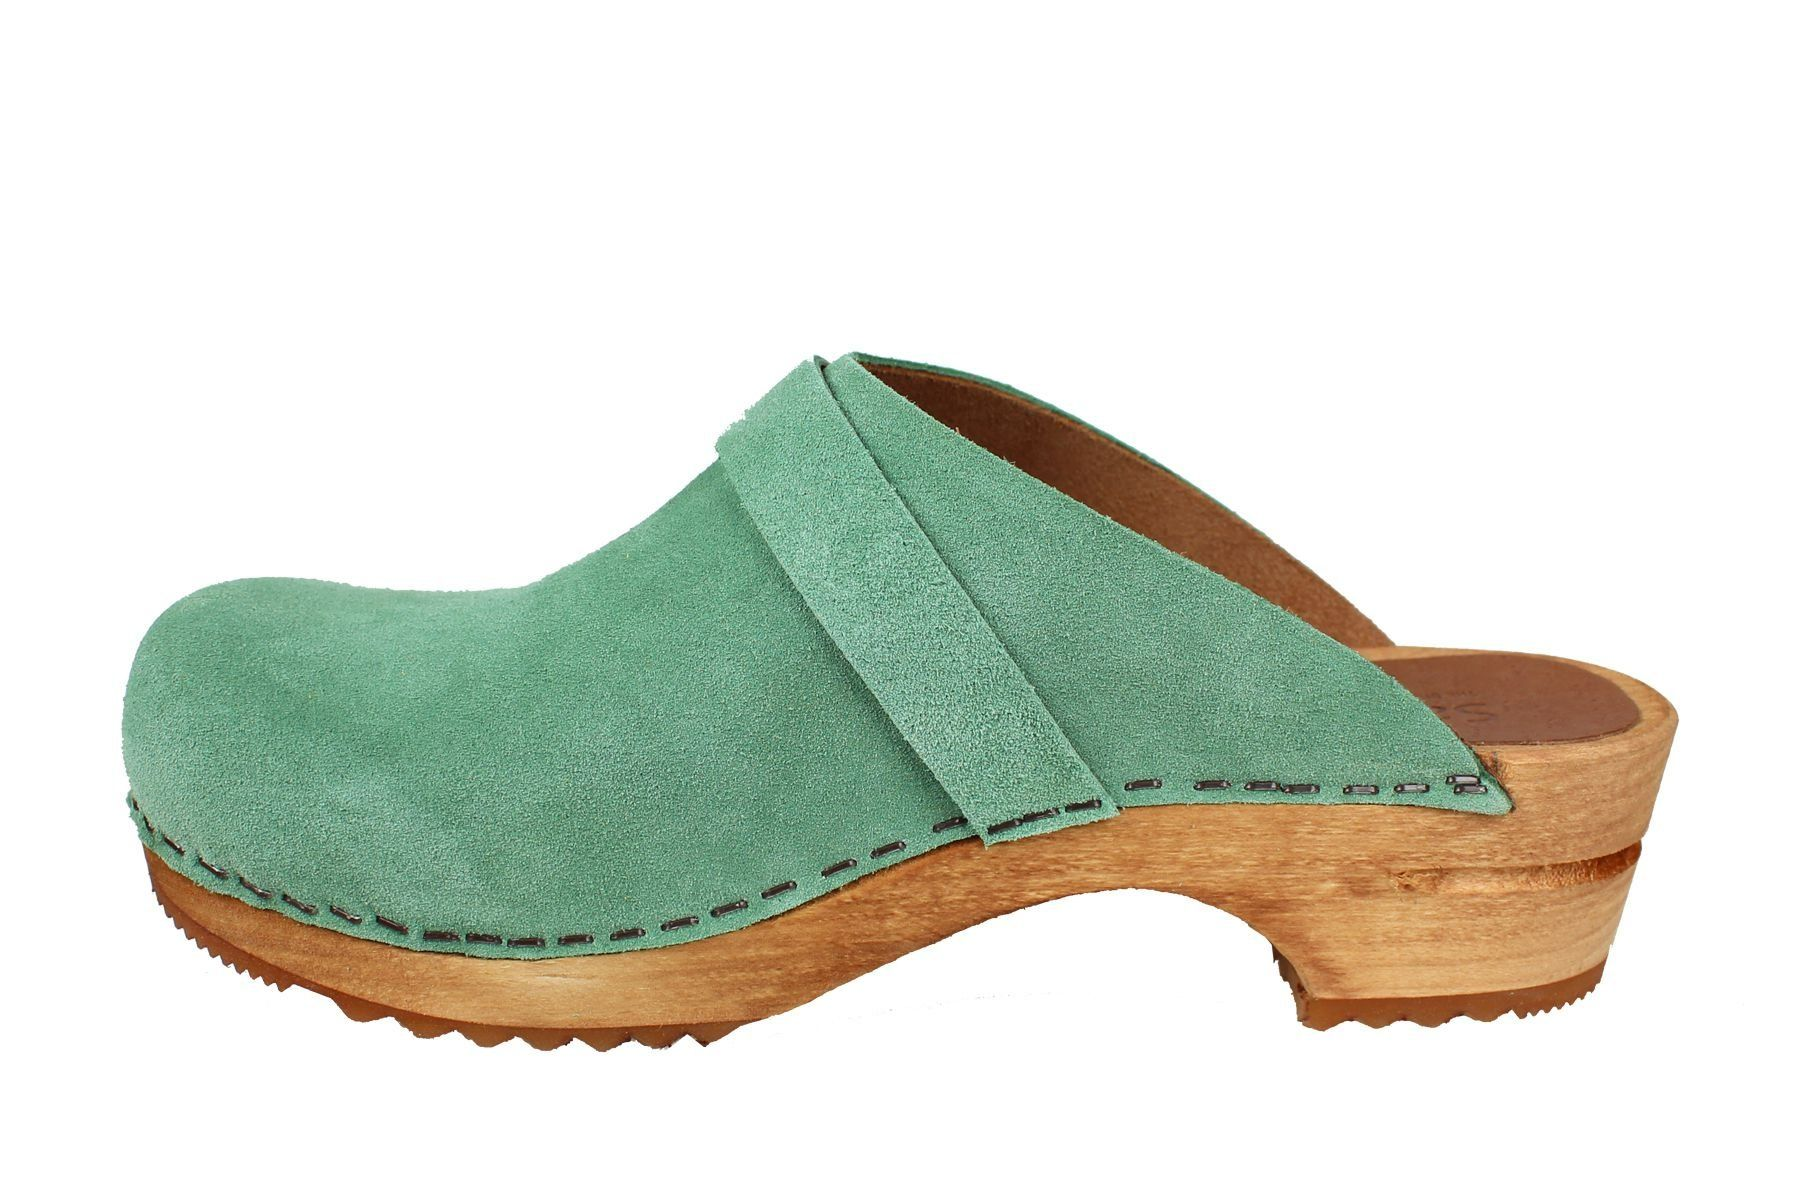 Sanita Hedi Classic Clog in Mint Suede